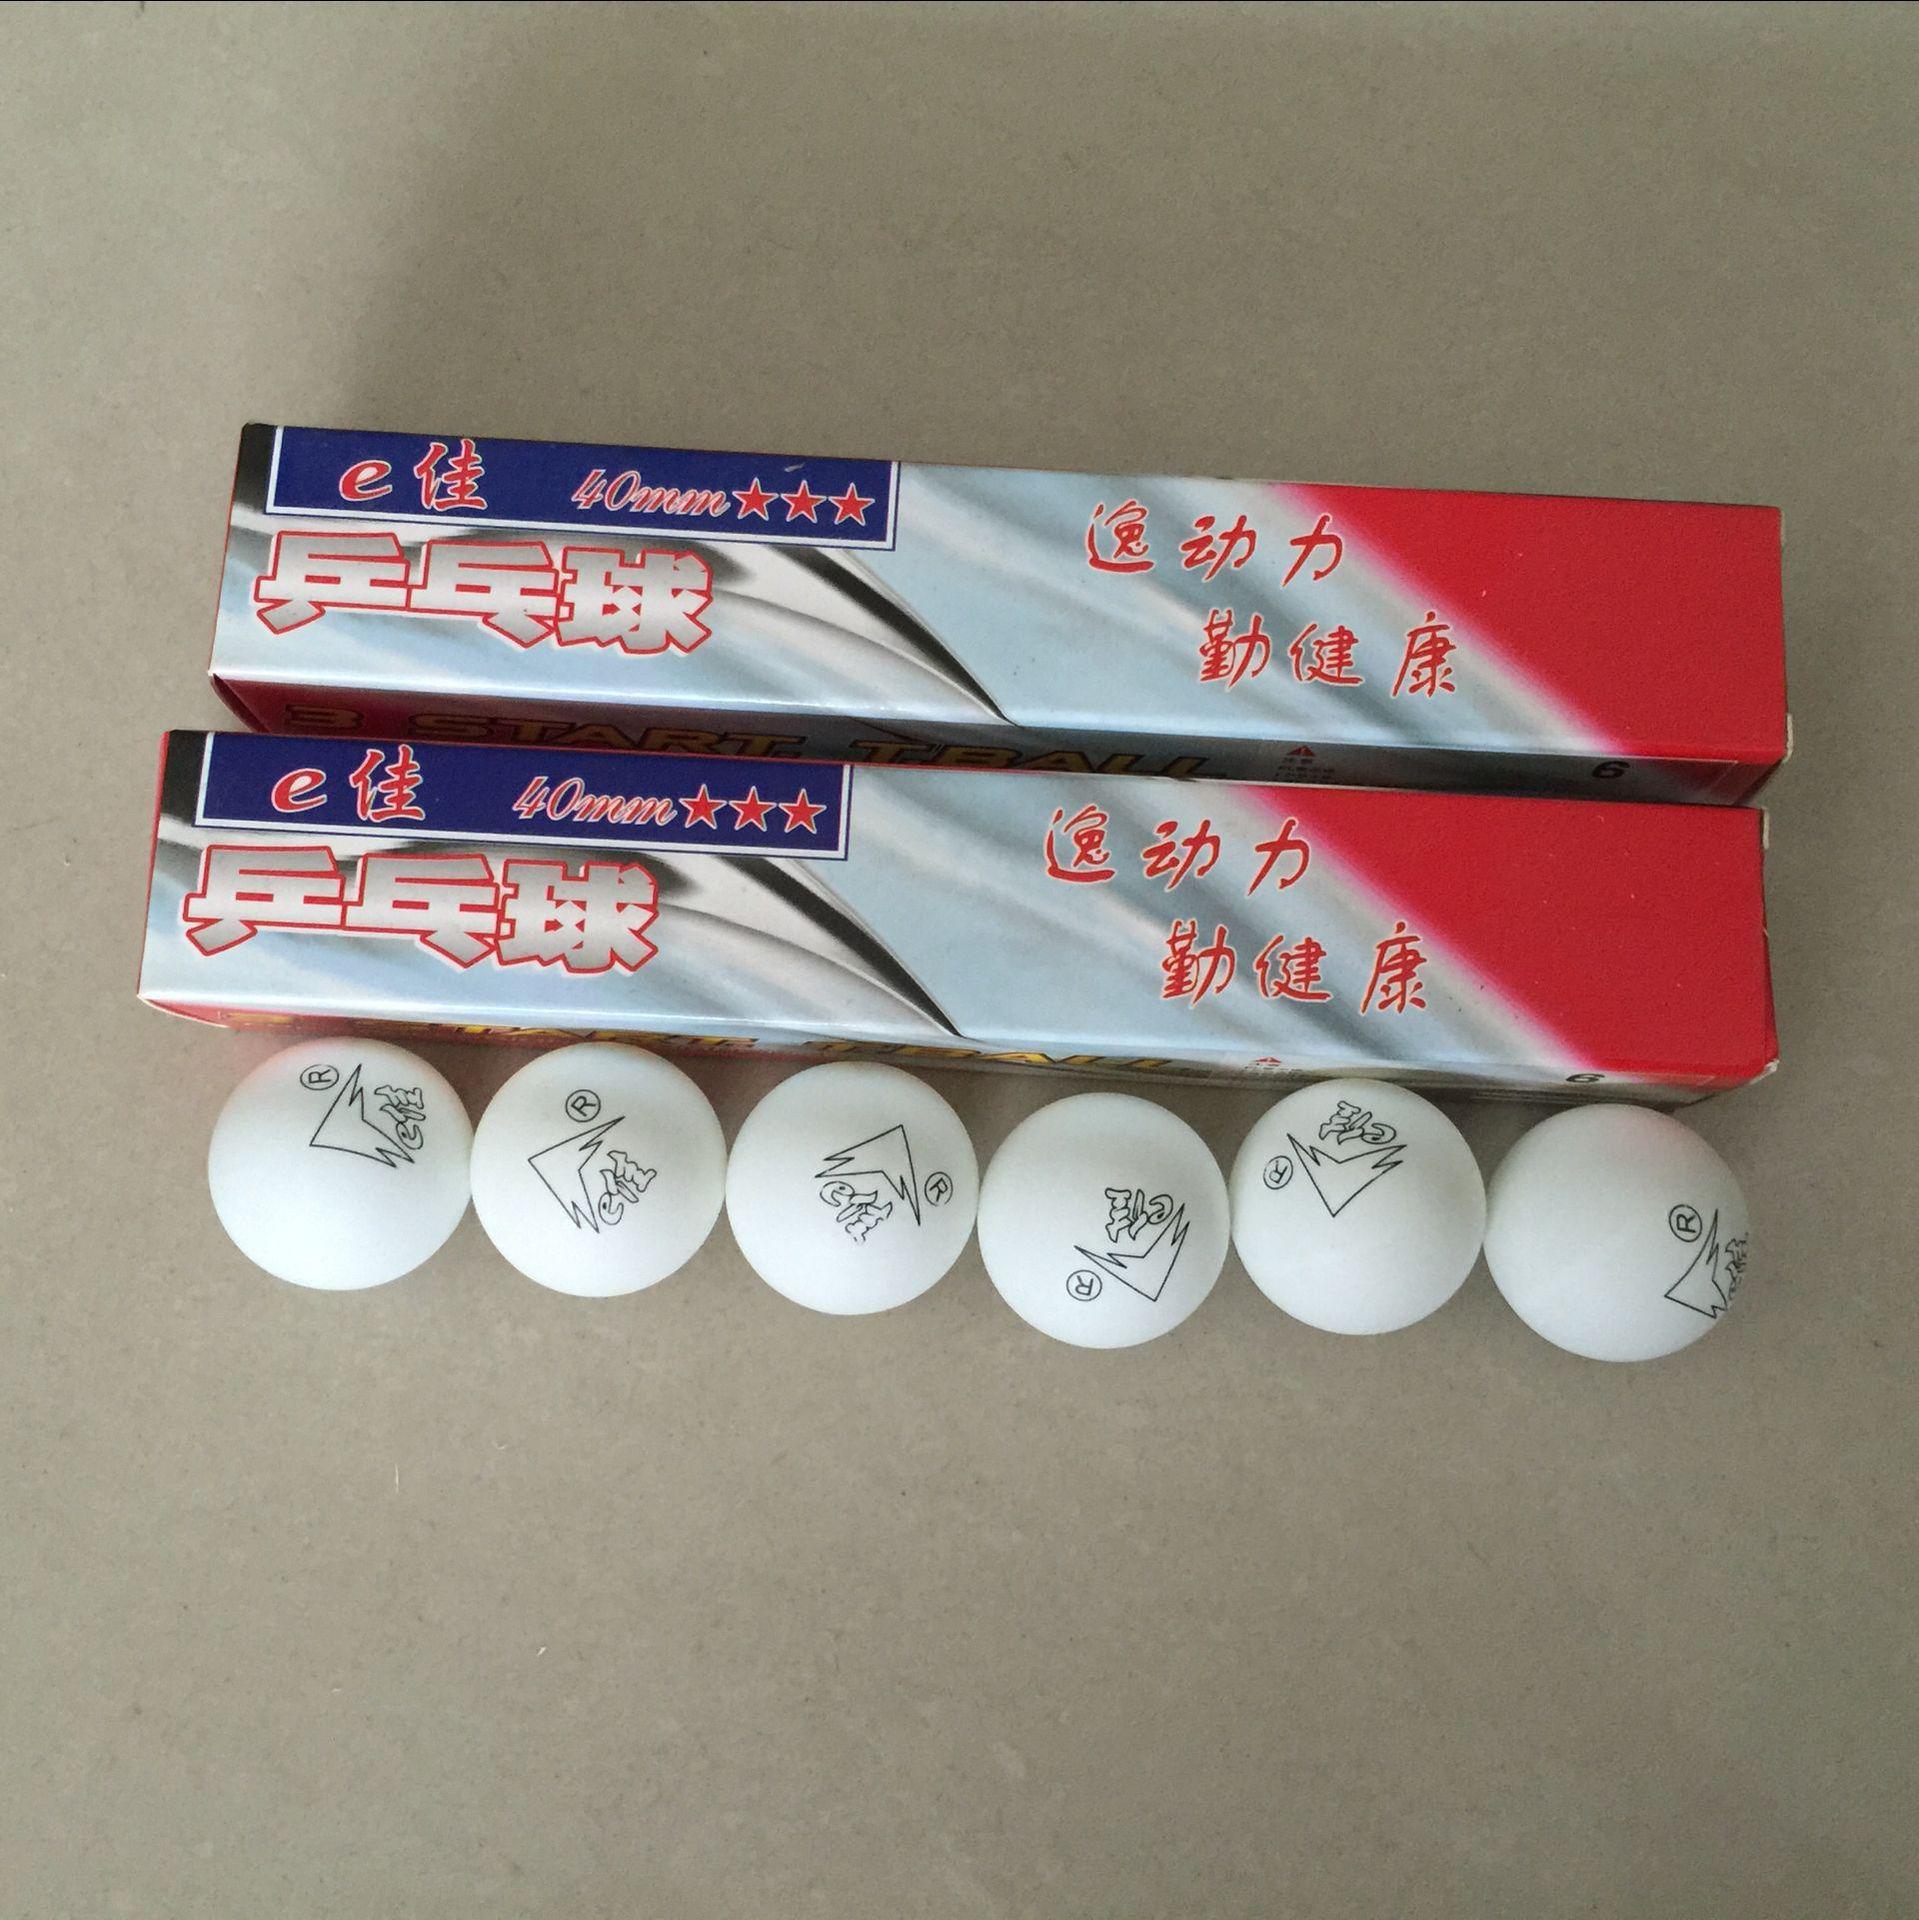 厂家批发e佳三星乒乓球 三星级乒乓球 3星球 6只装白色 黄色 正品